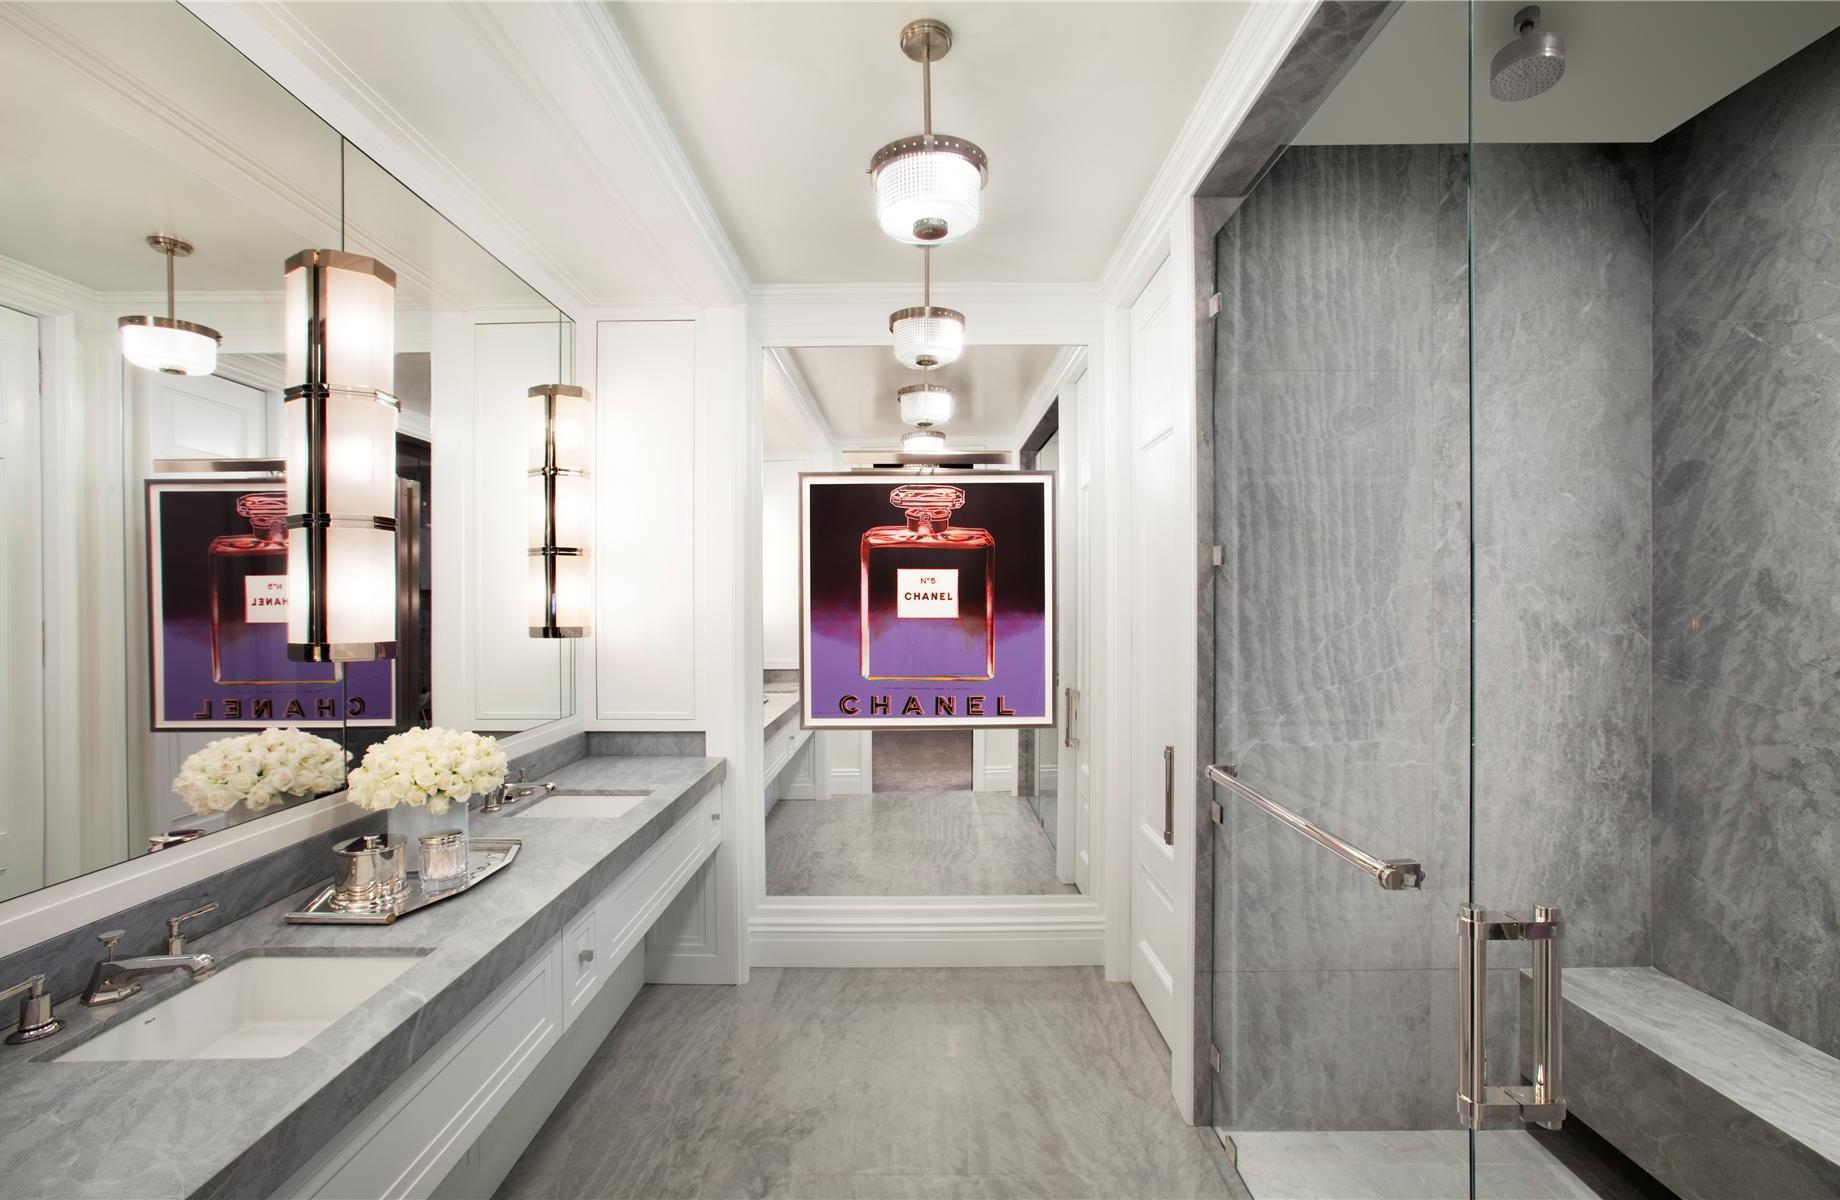 Люстры в стиле арт-деко в интерьере ванной комнаты